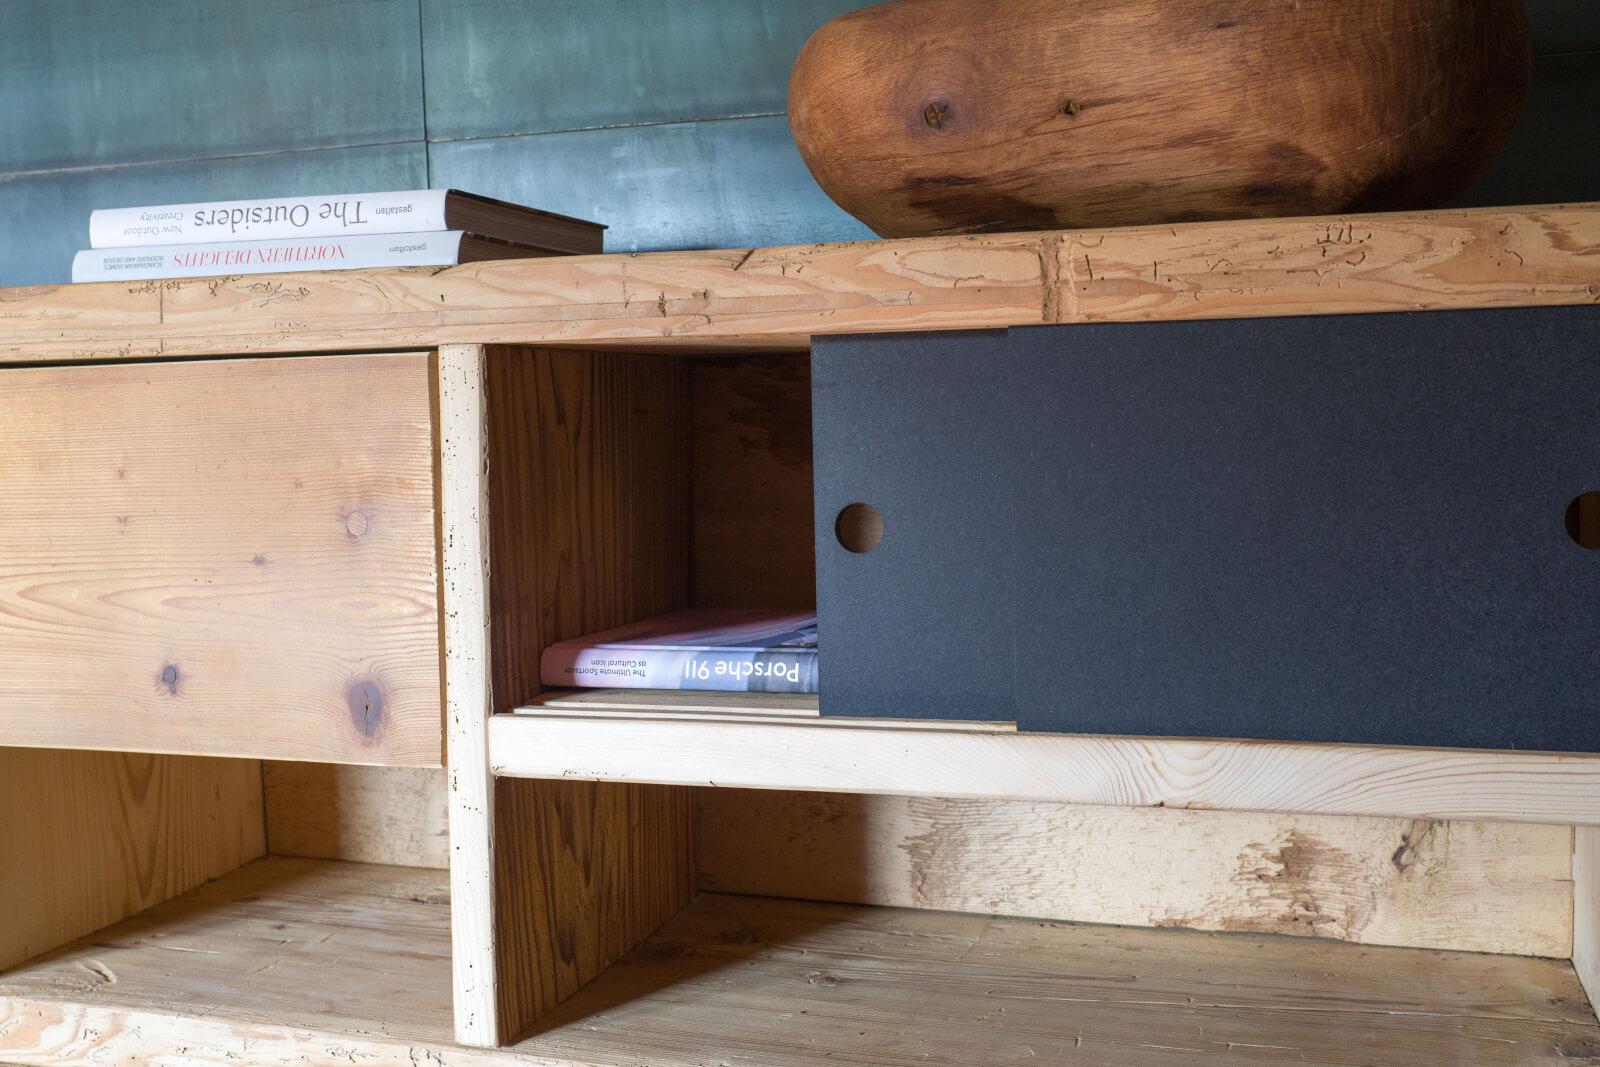 Manum Mobel Aus Altholz Tv Mobel Kleines Sideboard Aus Altholz